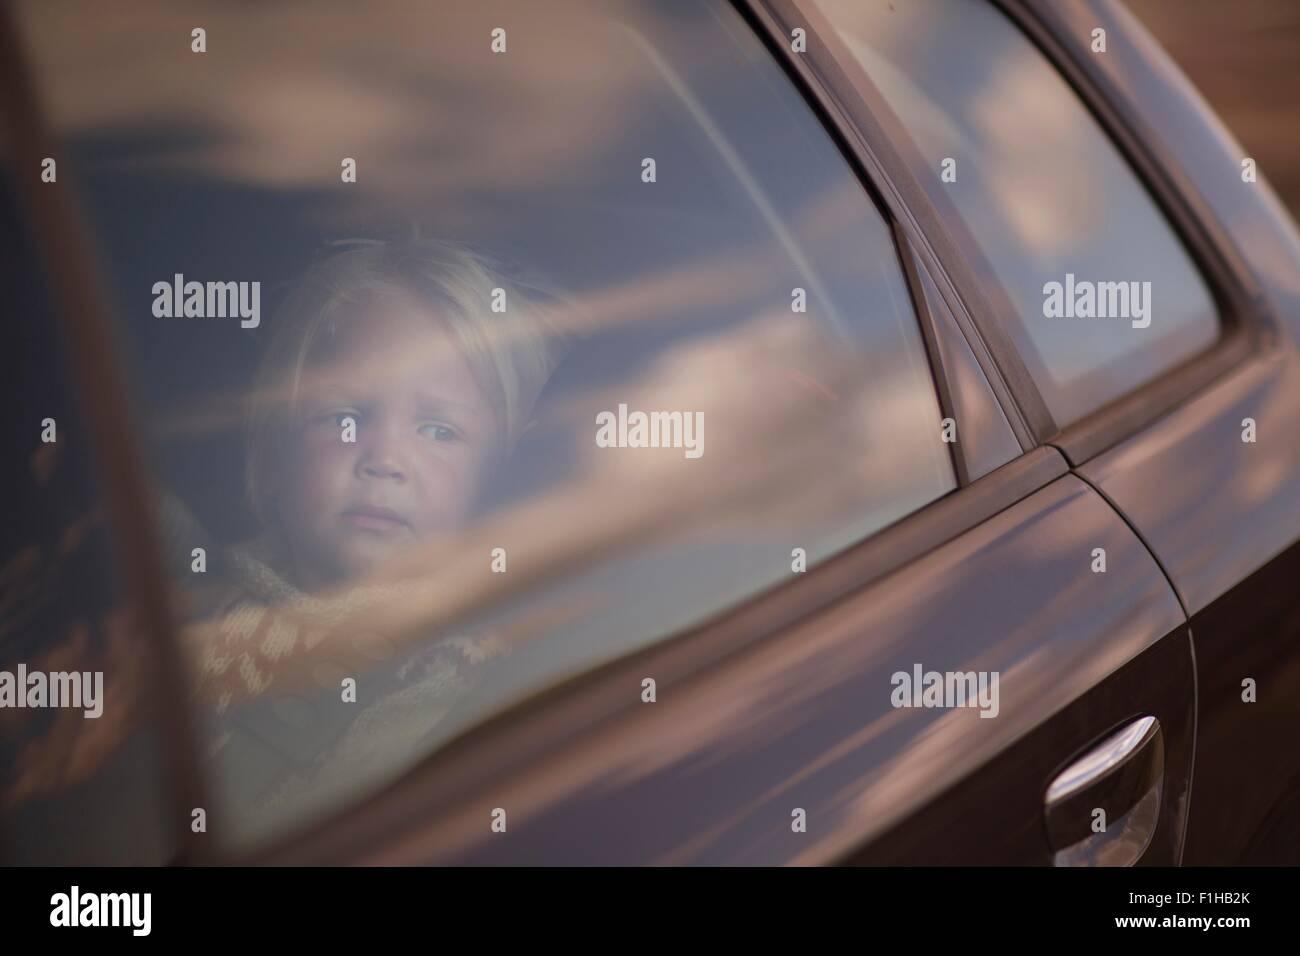 Chico mirando a través de la ventana de coche Imagen De Stock